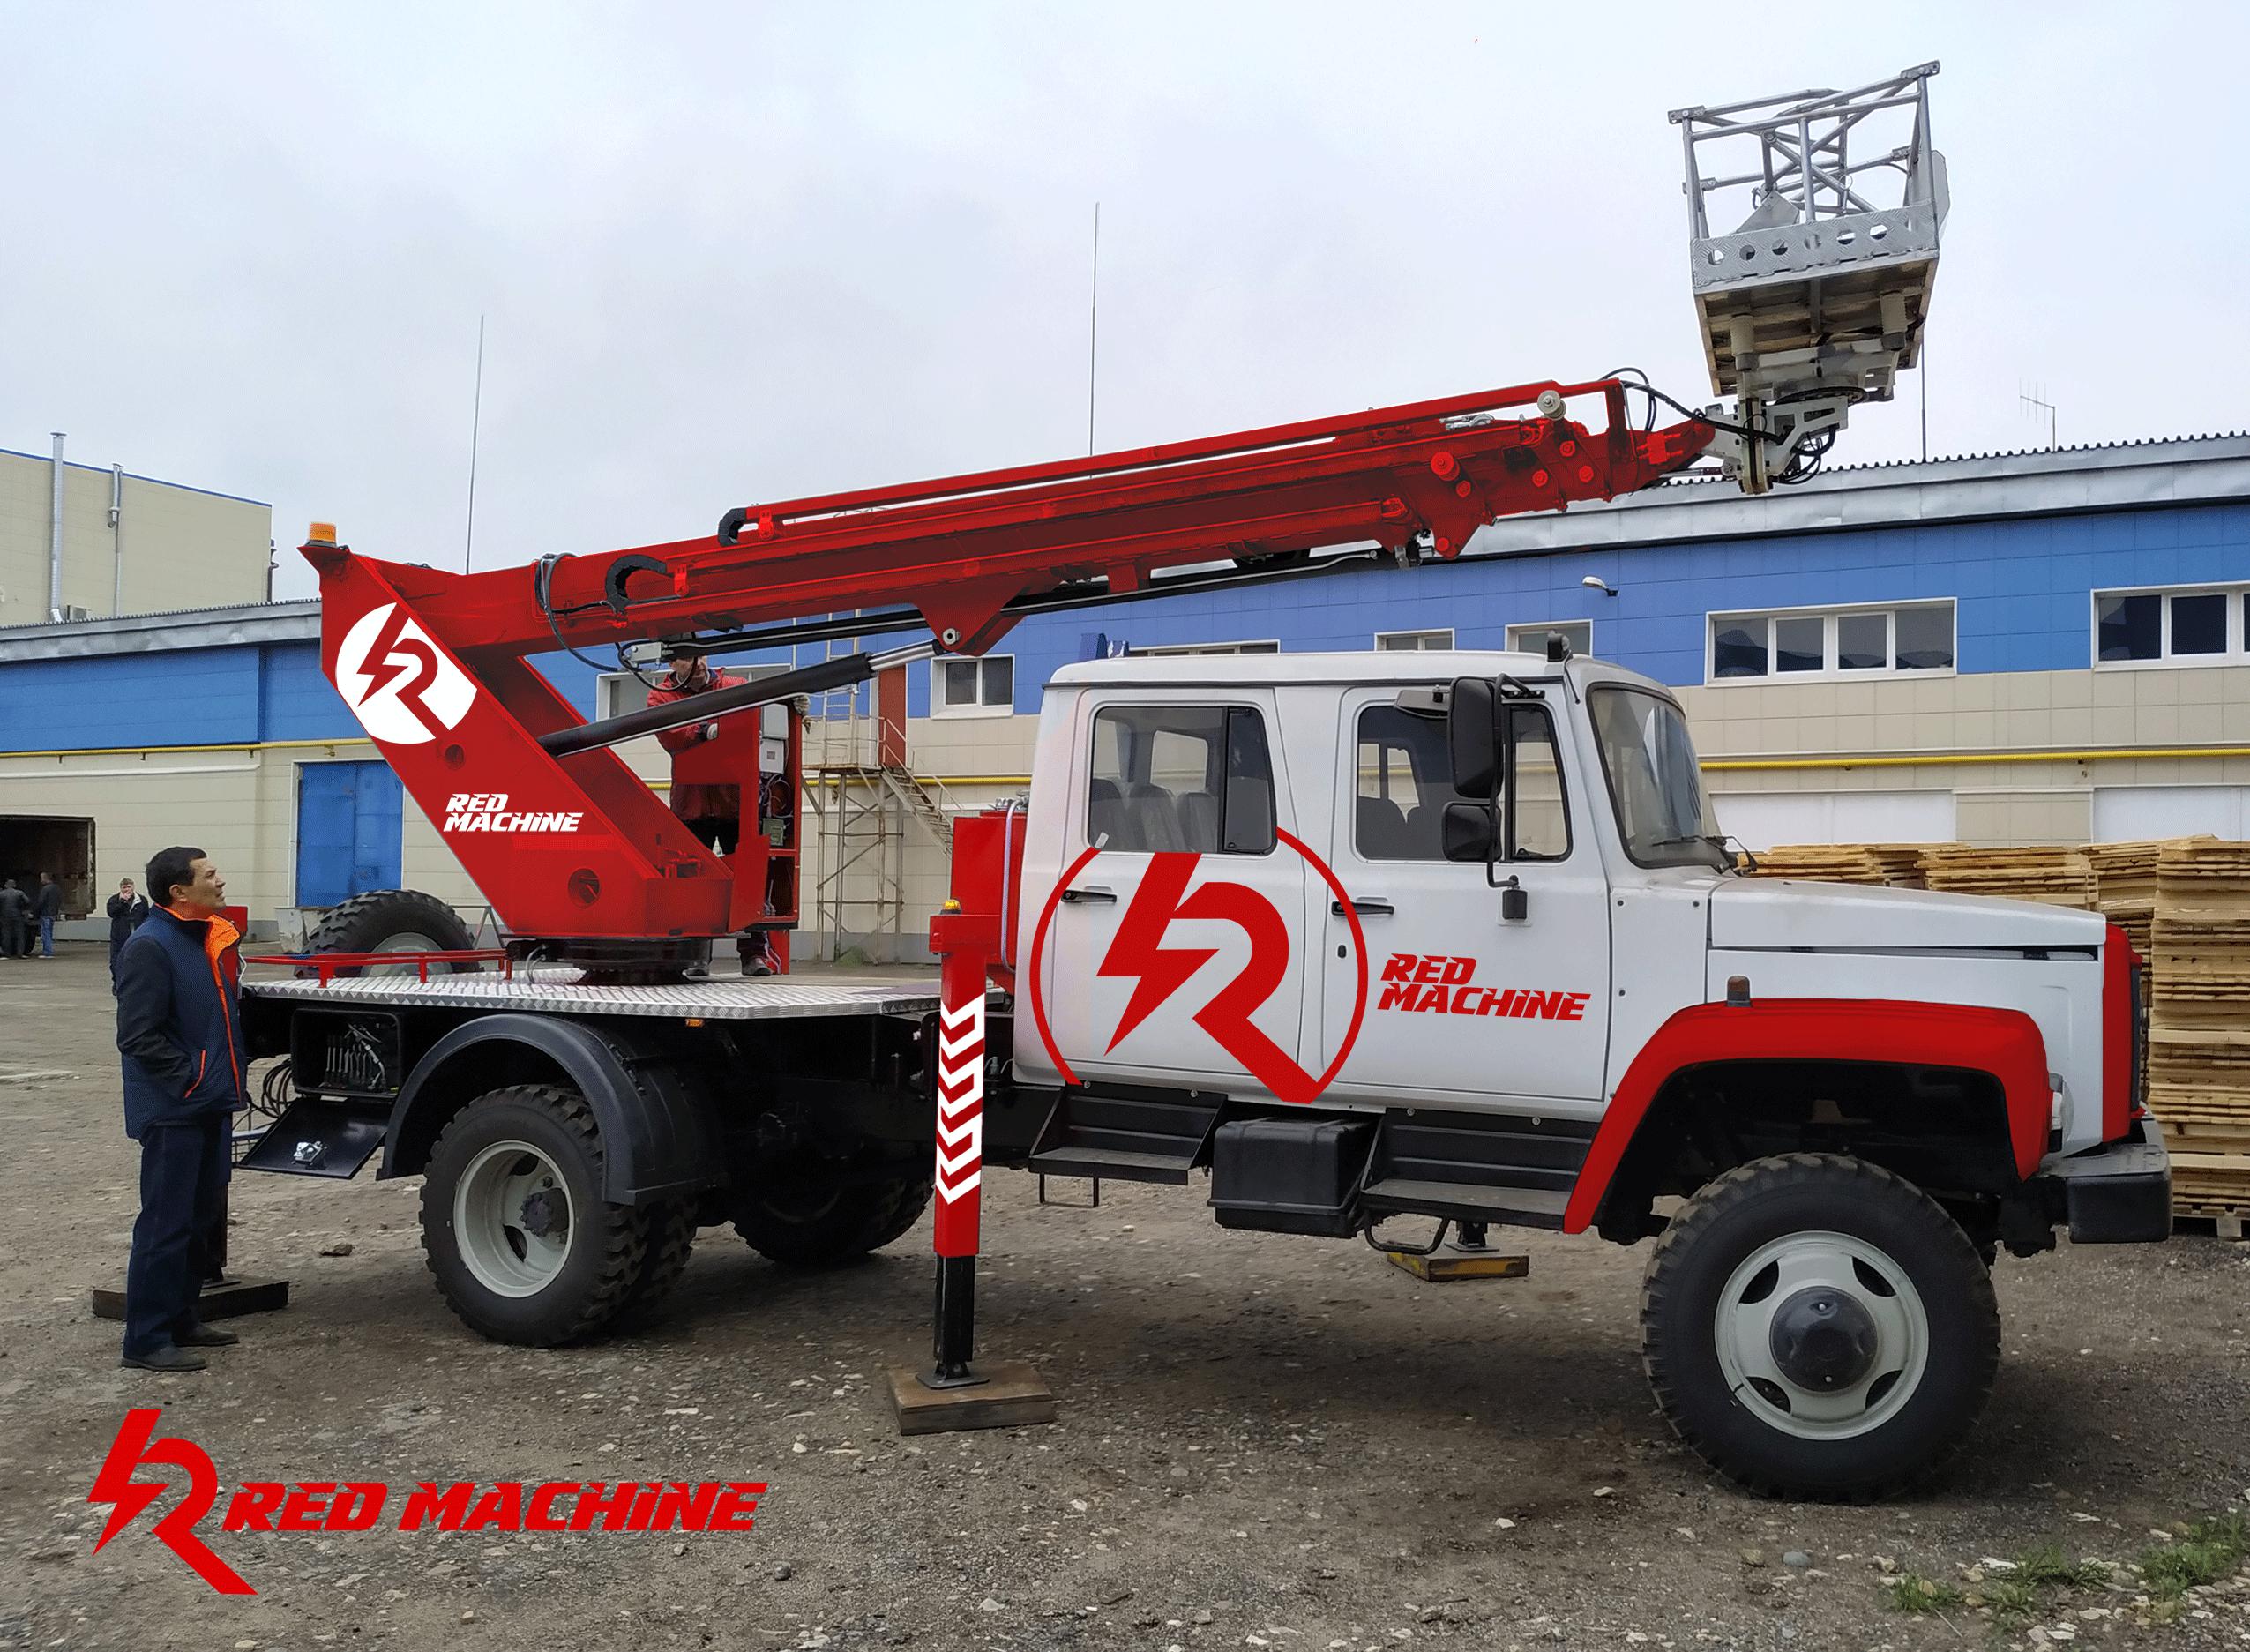 Оформление автогидроподъёмника,  бренд - RED MACHINE фото f_7005e14dc2170c05.png